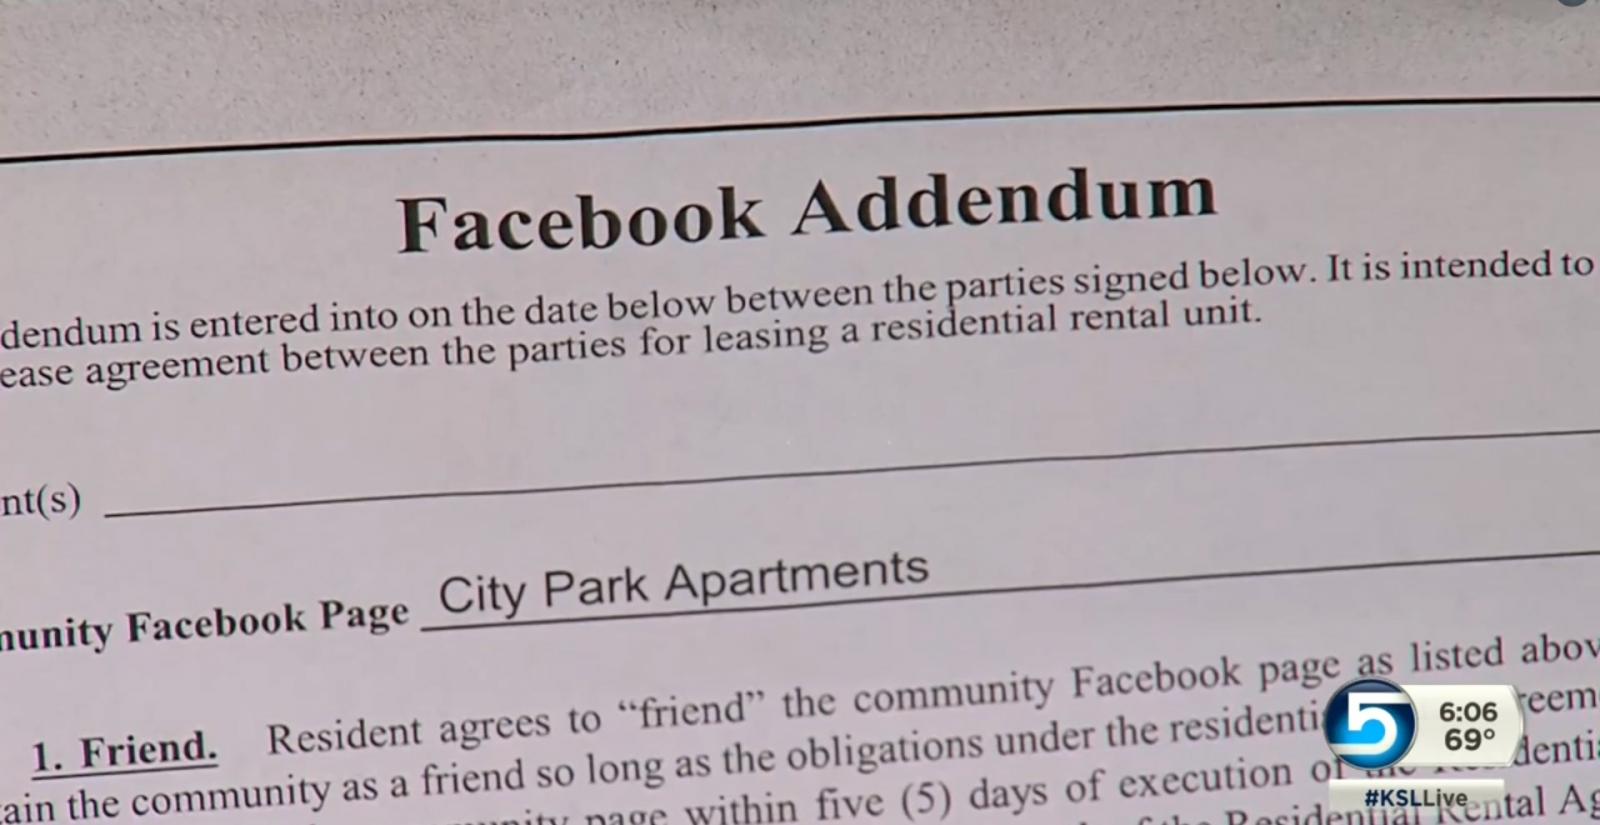 Facebook Addendum